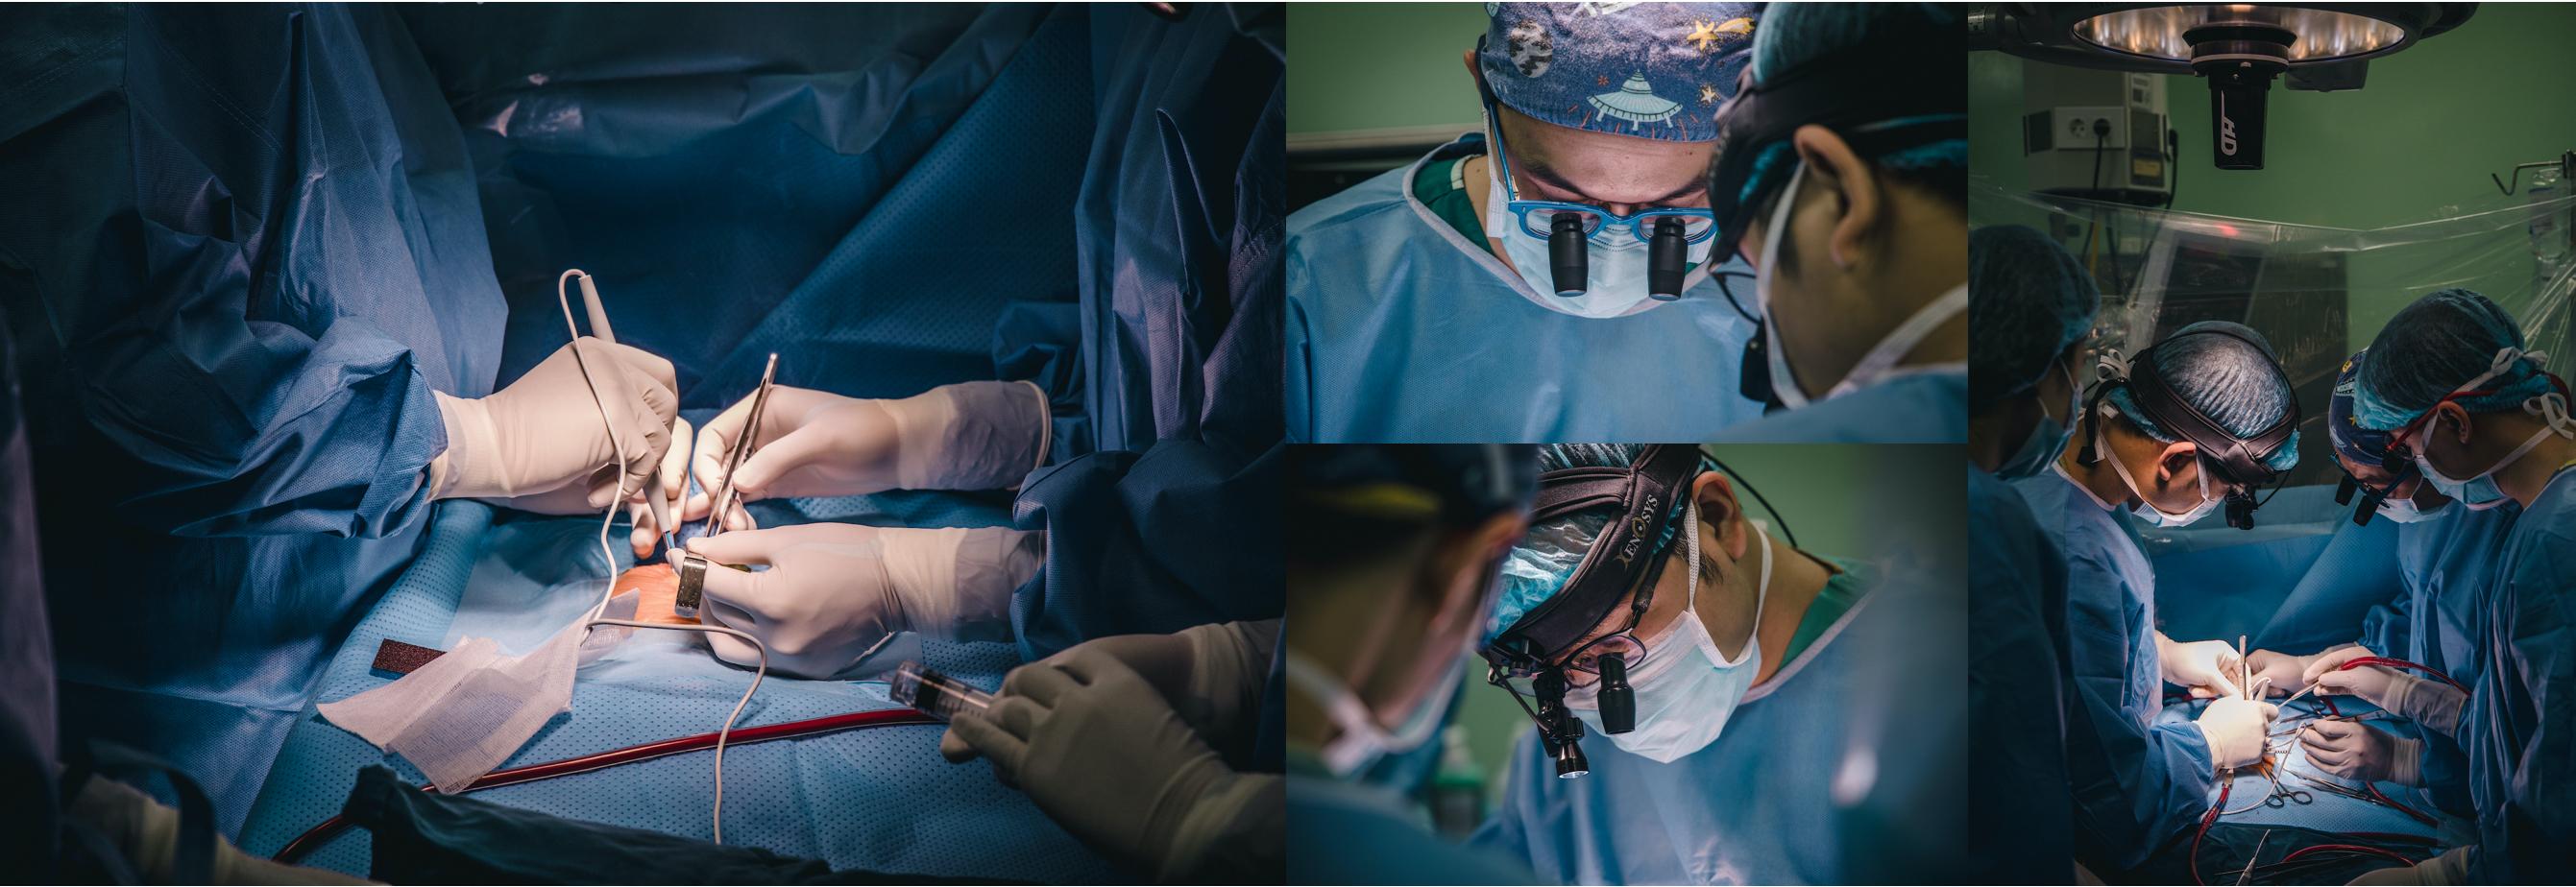 Thành tựu của Trung tâm Tim mạch trẻ em - Bệnh viện Nhi Trung ương có một phần đóng góp của bác sĩ Trường. Ít ai biết rằng, từ năm 2016 khi anh trở thành lãnh đạo Trung tâm, số ca phẫu thuật tim tăng hơn 2 lần, từ khoảng 500 ca mổ/năm lên 1.453 ca năm 2009. Hơn 30% số ca đó, Bác sỹ Nguyễn Lý Thịnh Trường trực tiếp cầm dao mổ. Có ca bệnh anh cùng các y bác sĩ đã thực hiện liền 36 tiếng đồng hồ không ăn không ngủ.(Ảnh: Minh Sơn/Vietnam+)